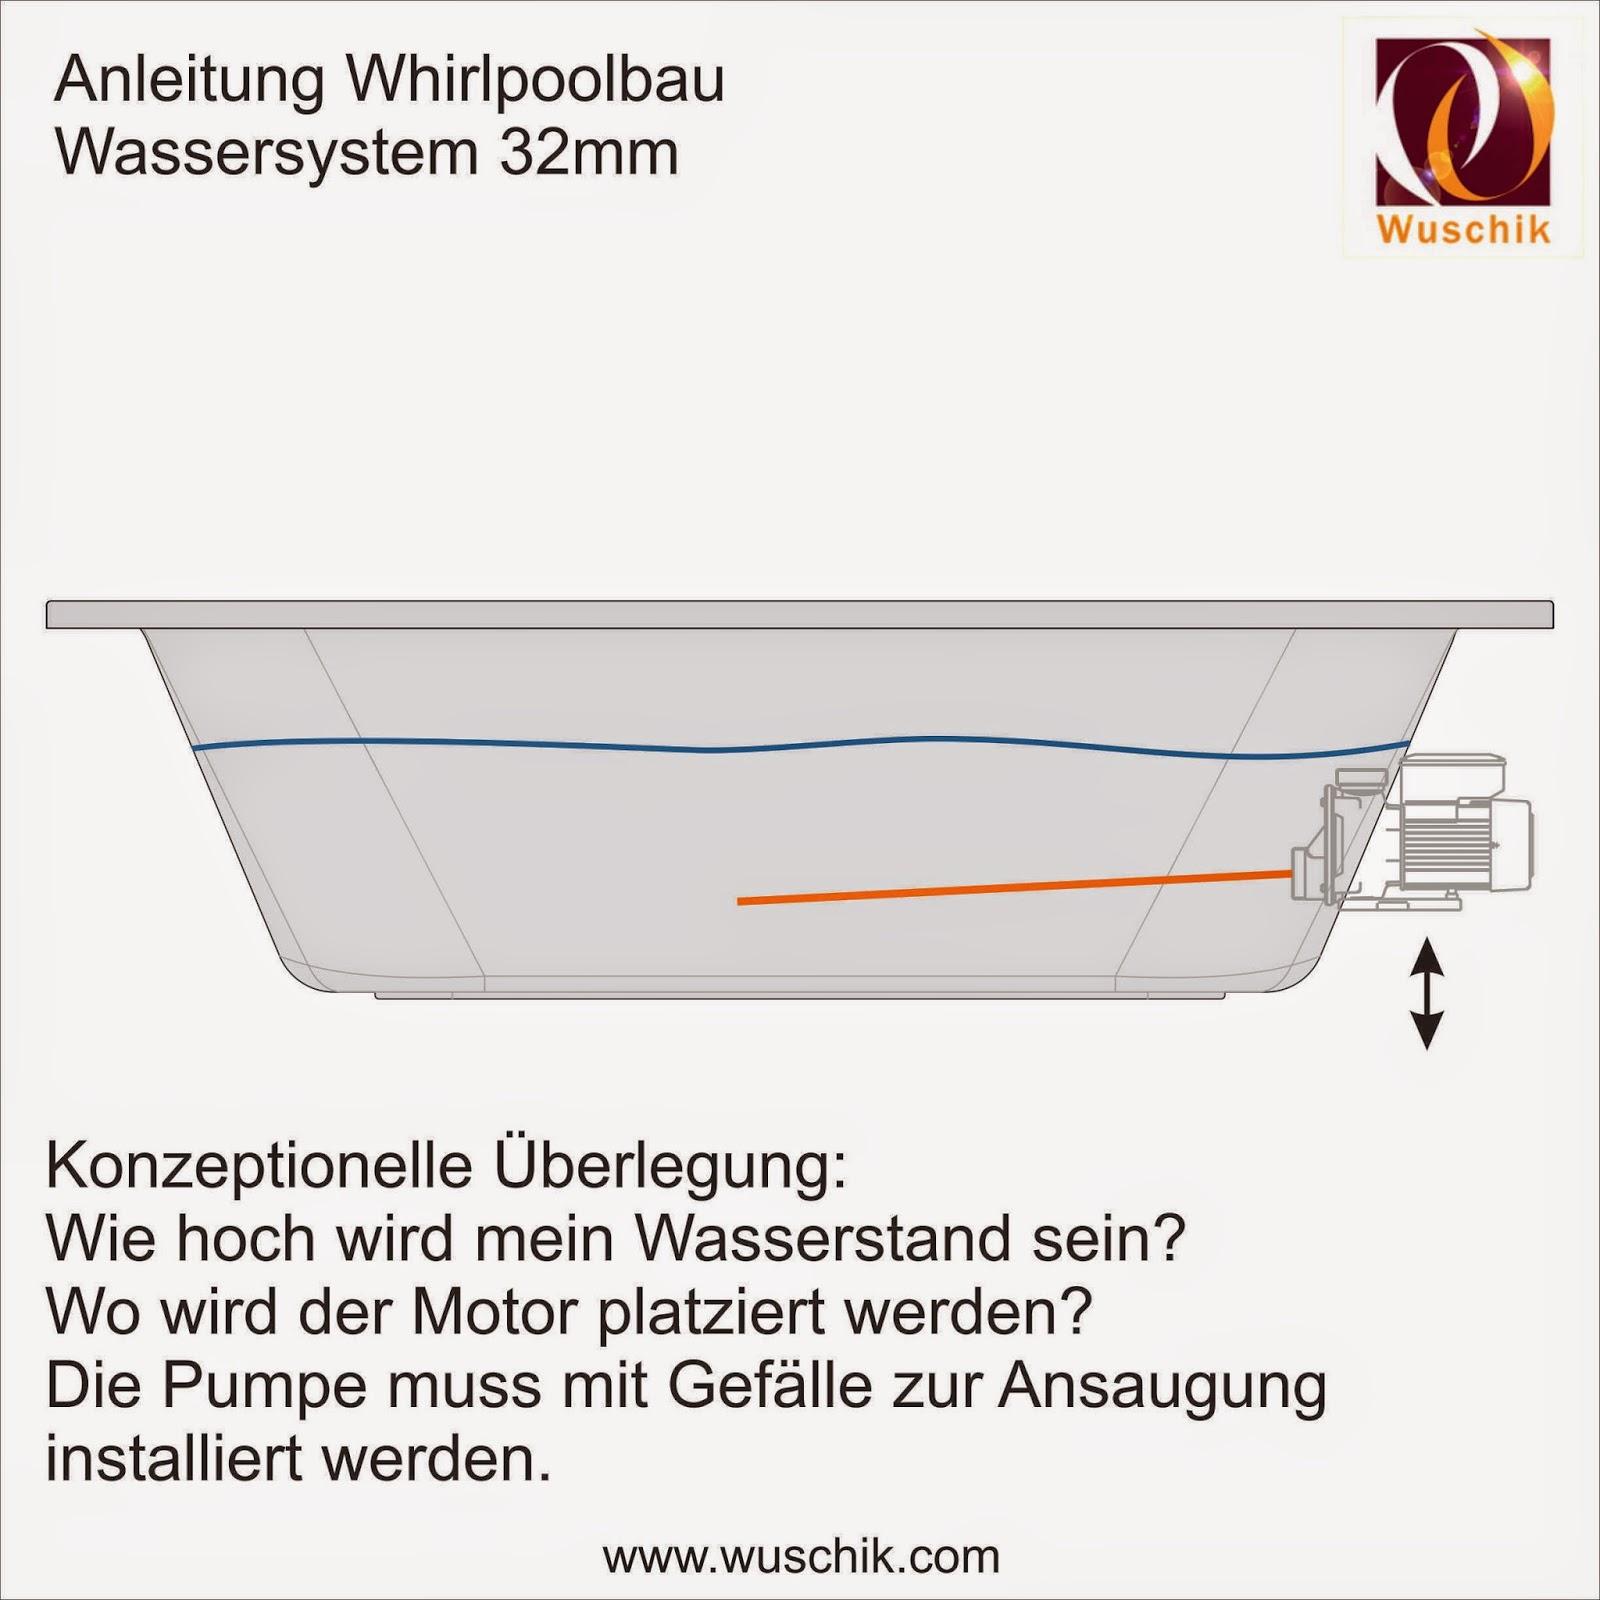 shop news wuschik wellness whirlpool selbst bauen. Black Bedroom Furniture Sets. Home Design Ideas